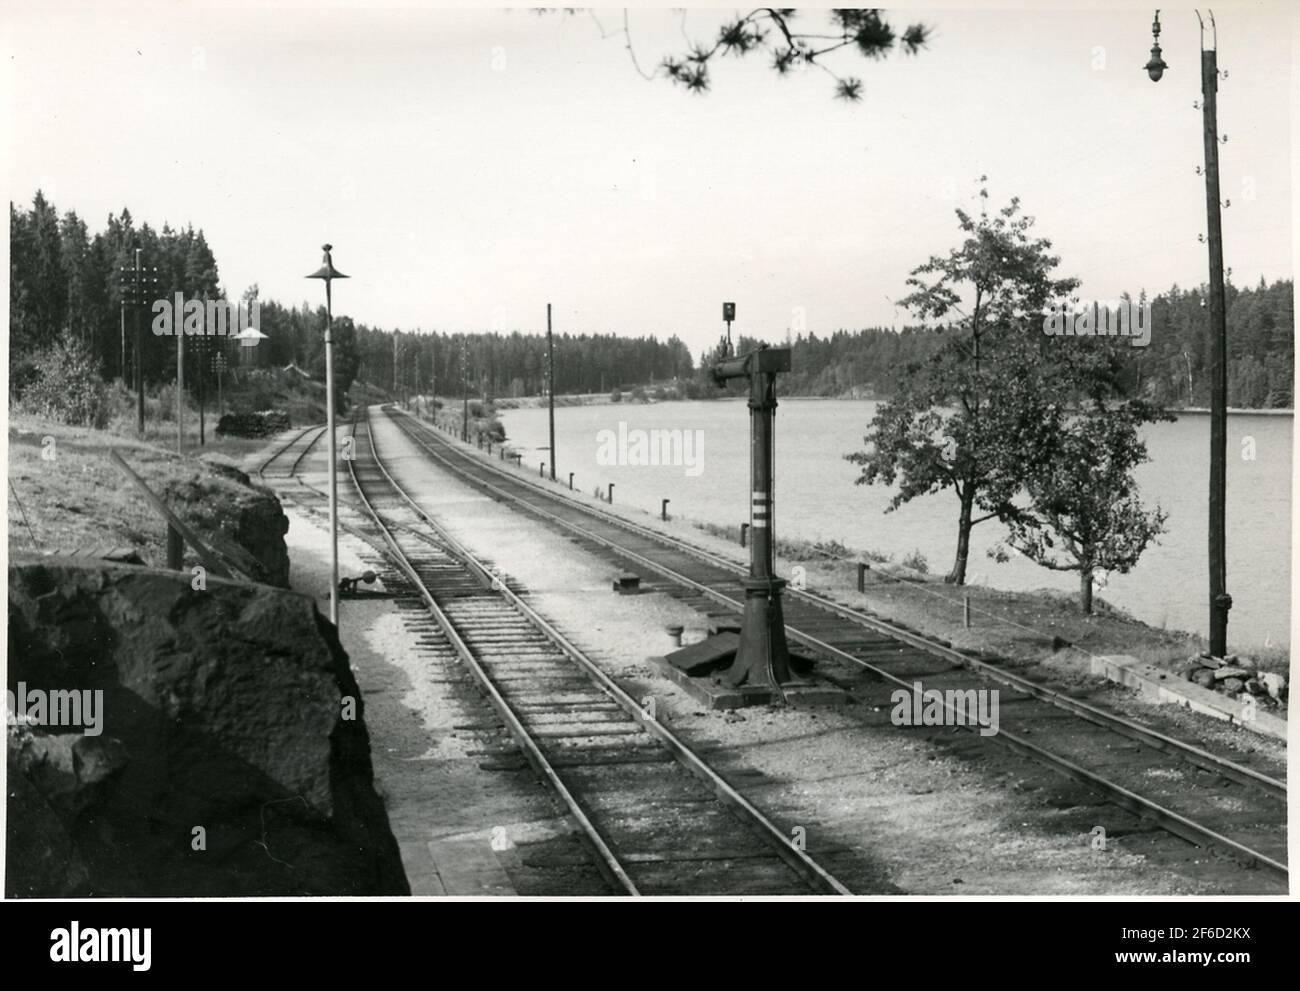 Harsjön, norte. La foto tomada antes de la electrificación de la compañía de tráfico Grängesberg - ferrocarriles de Oxelösund. Foto de stock